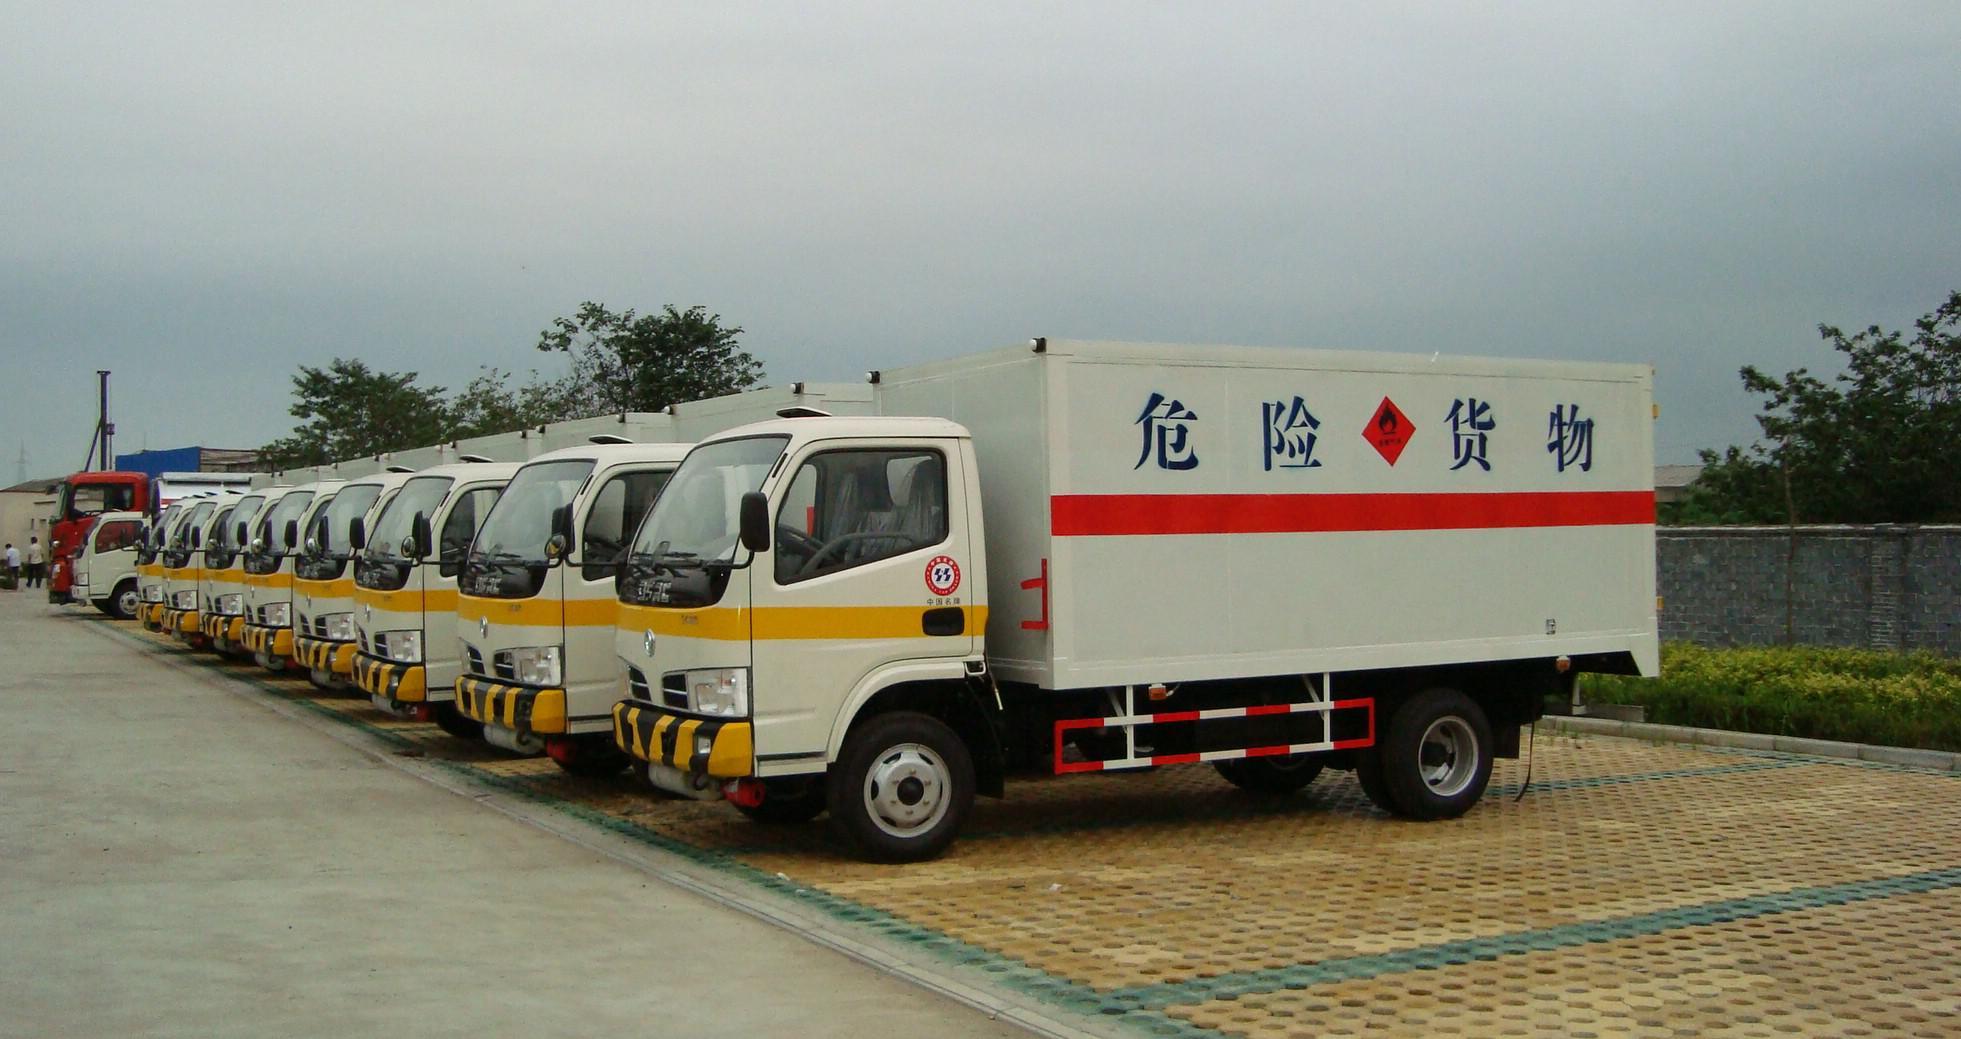 专汽网讲堂:危险货物运输相关必备知识